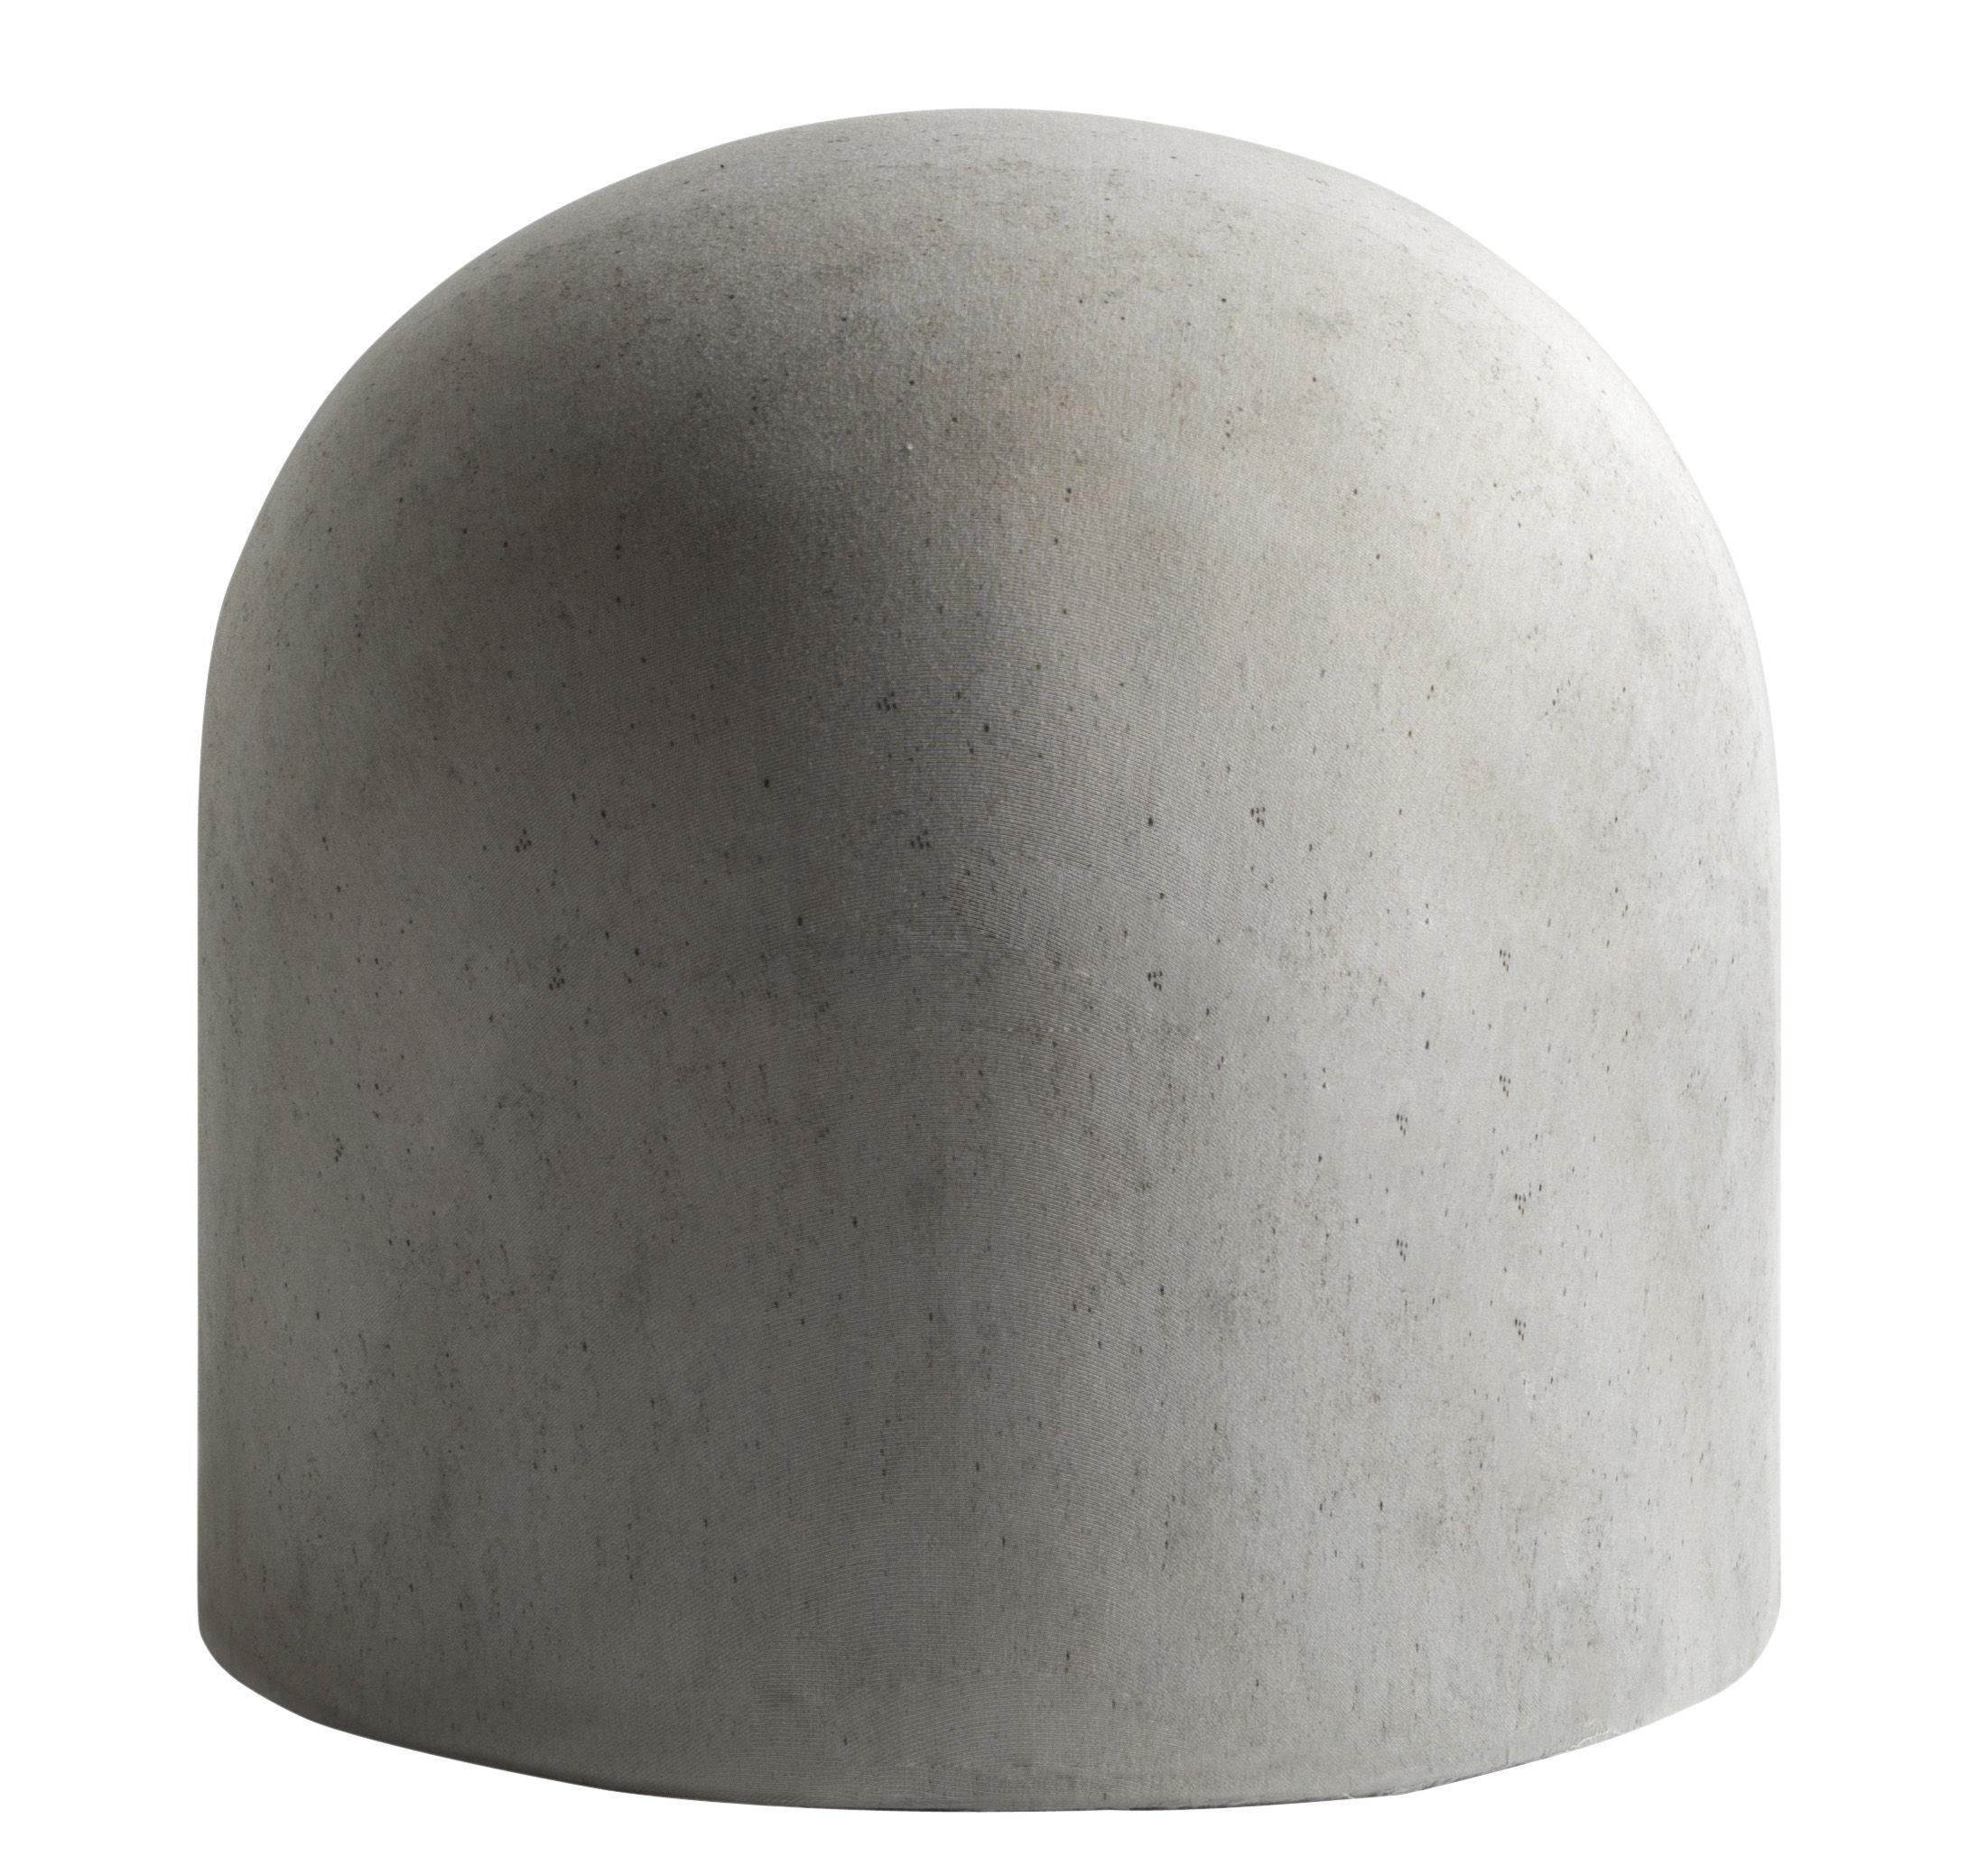 Mobilier - Poufs - Pouf Bard / Rembourré - Internoitaliano - Gris ciment - Bois, Mousse polyuréthane, Tissu